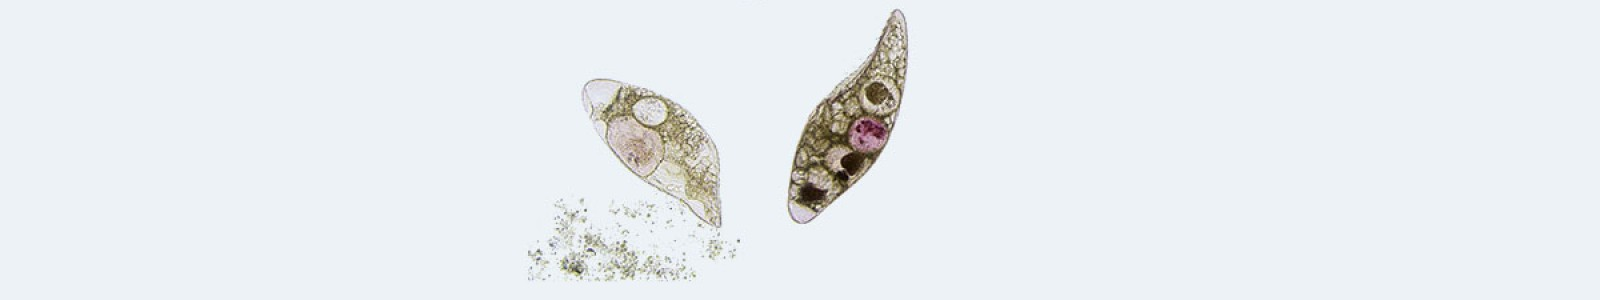 Disinfezione da funghi e protisti